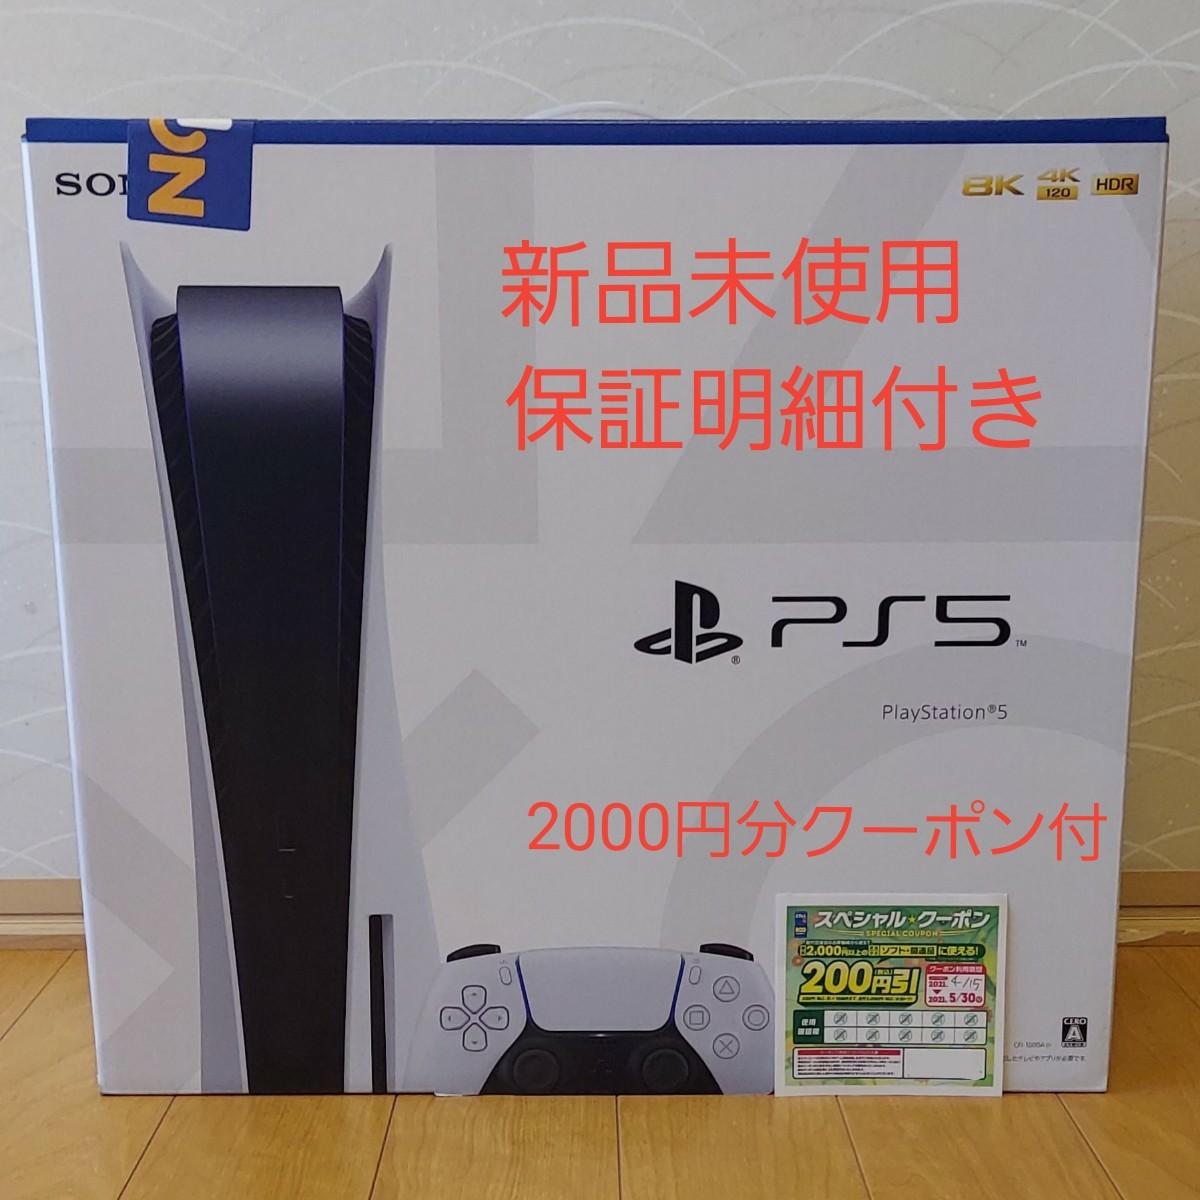 【新品未開封】PlayStation5 本体 ディスクドライブ搭載モデル PS5 プレステ5